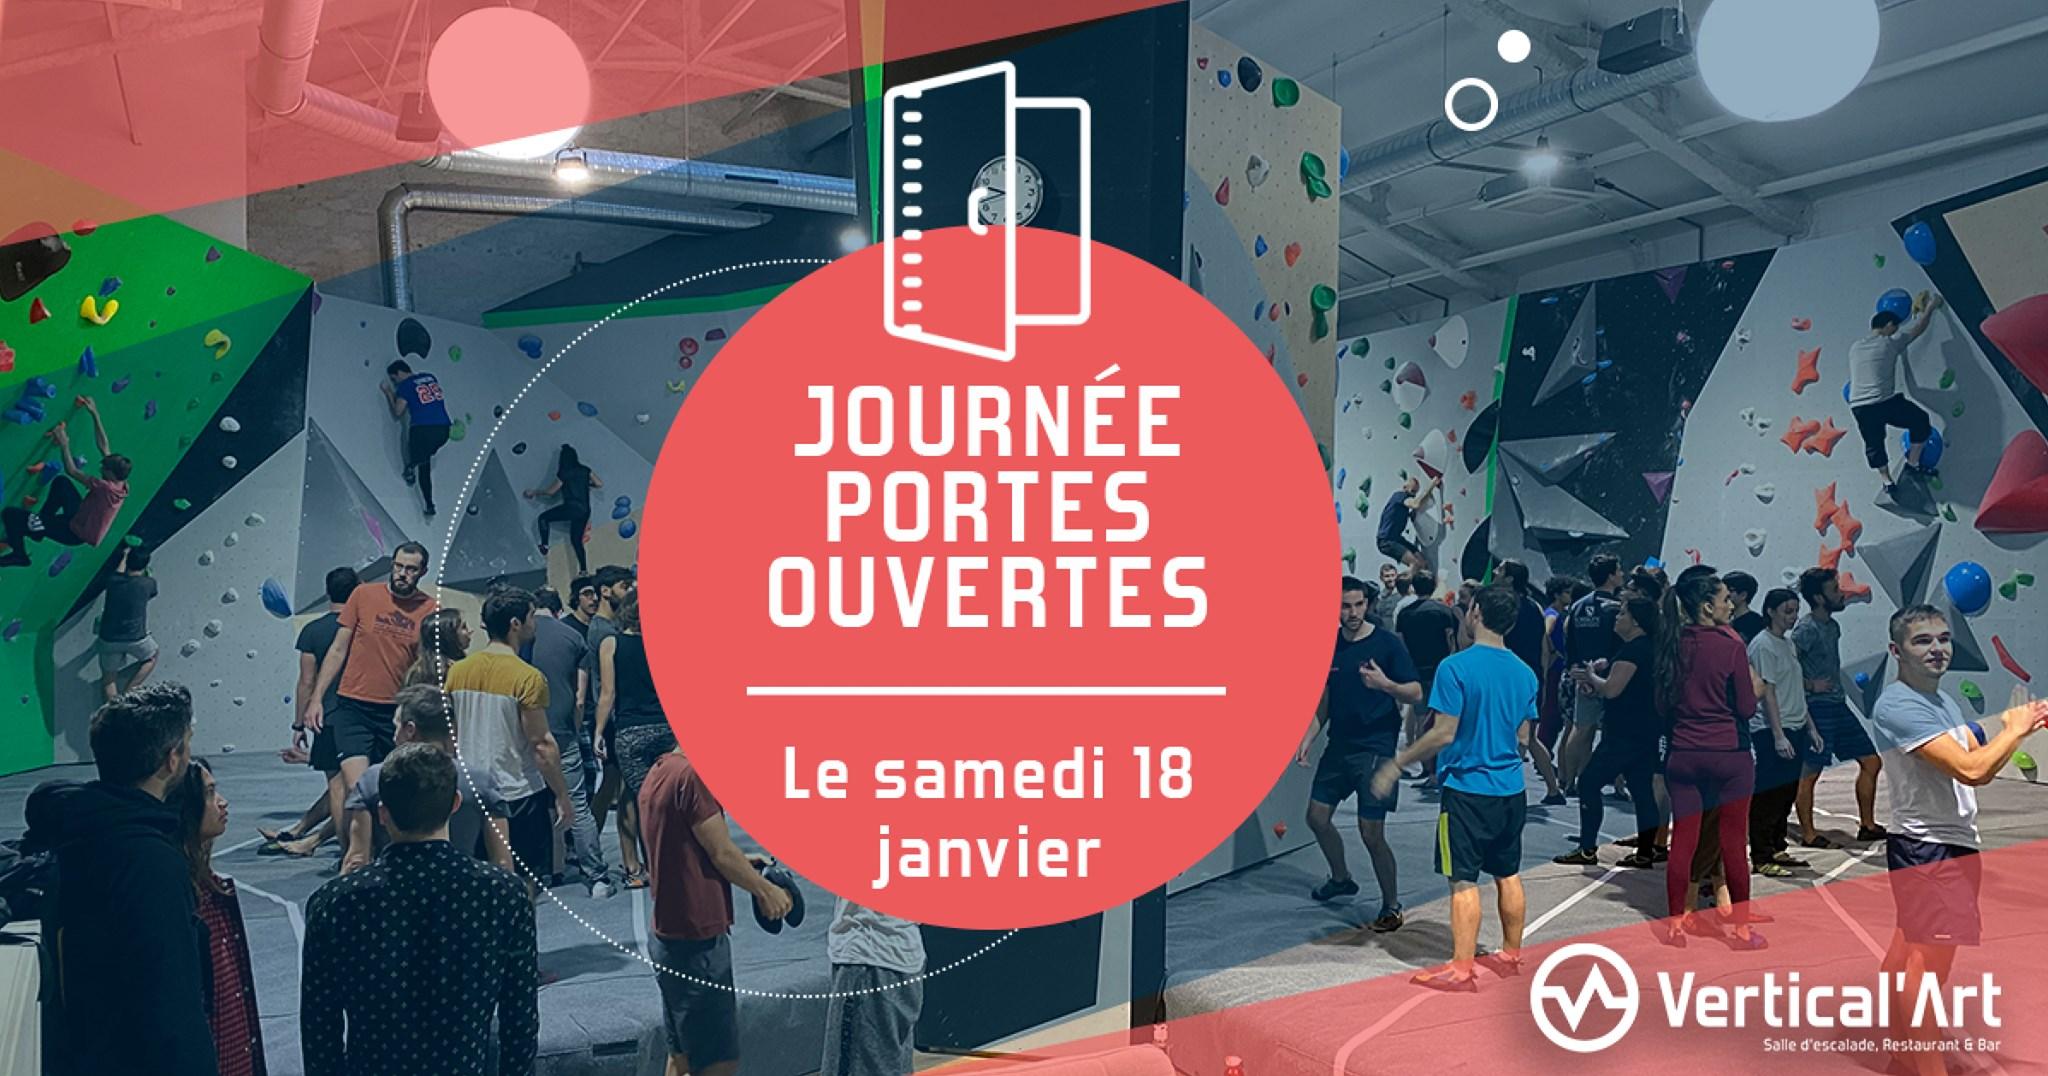 Journée porte ouverte Paris Pigalle - Nouvelle Année nouvelle Activitée- Vertical'art salle d'escalade de bloc à paris -